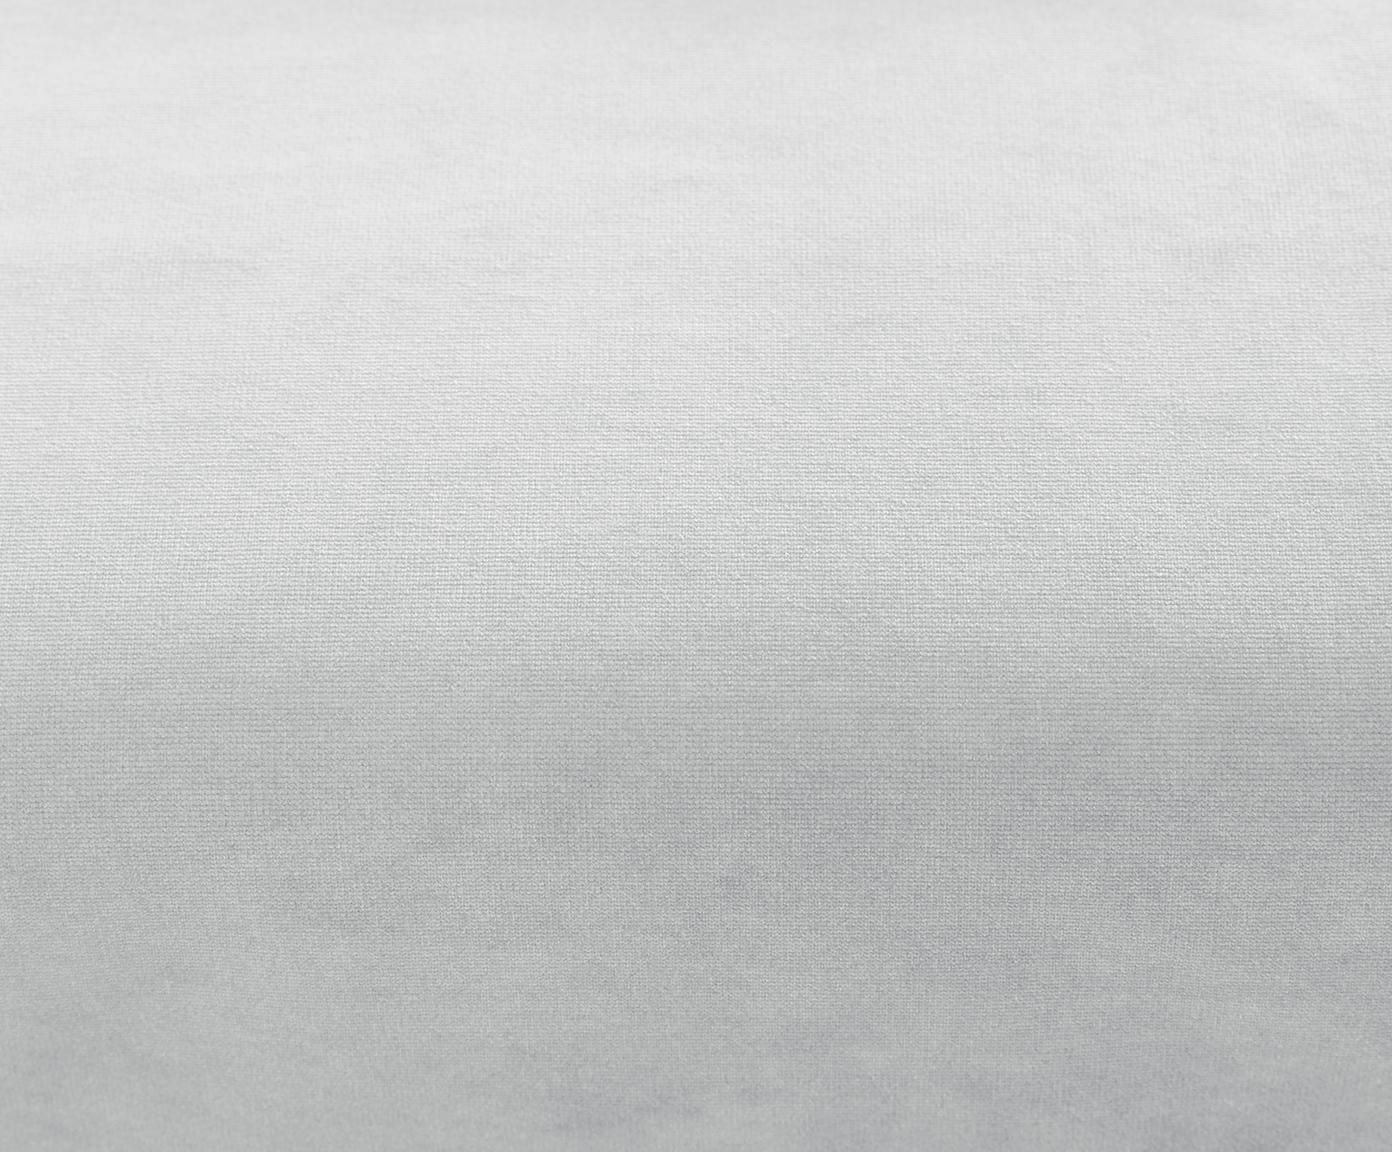 Chaise longue in velluto grigio chiaro Fluente, Rivestimento: velluto (copertura in pol, Struttura: legno di pino massiccio, Piedini: metallo verniciato, Velluto grigio chiaro, Larg. 201 x Prof. 83 cm